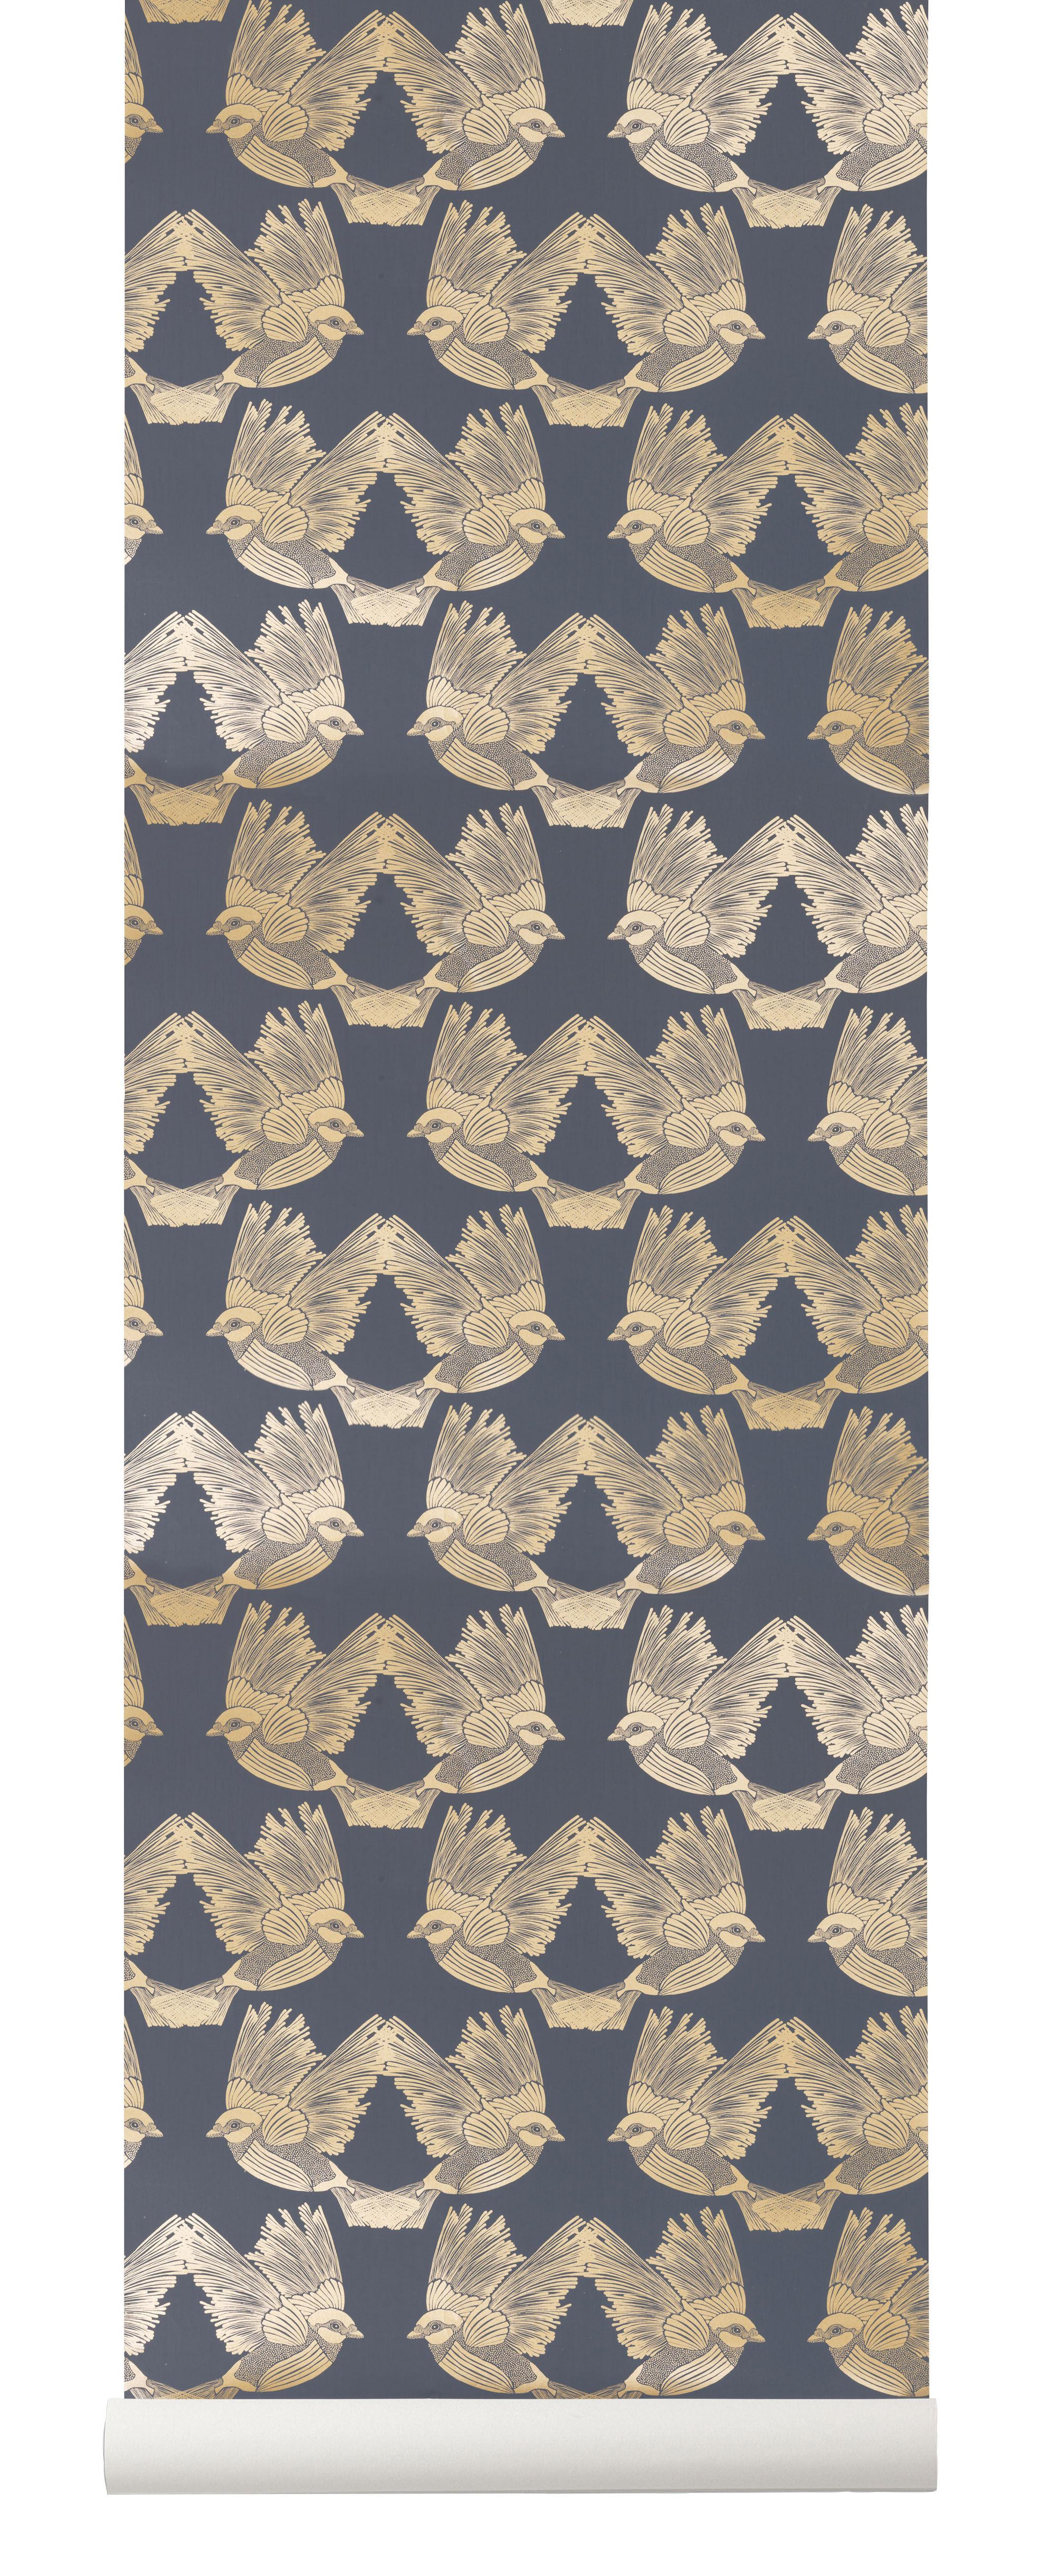 Déco - Stickers, papiers peints & posters - Papier peint Birds / 1 rouleau - Larg 53 cm - Ferm Living - Bleu foncé & or - Toile intissée